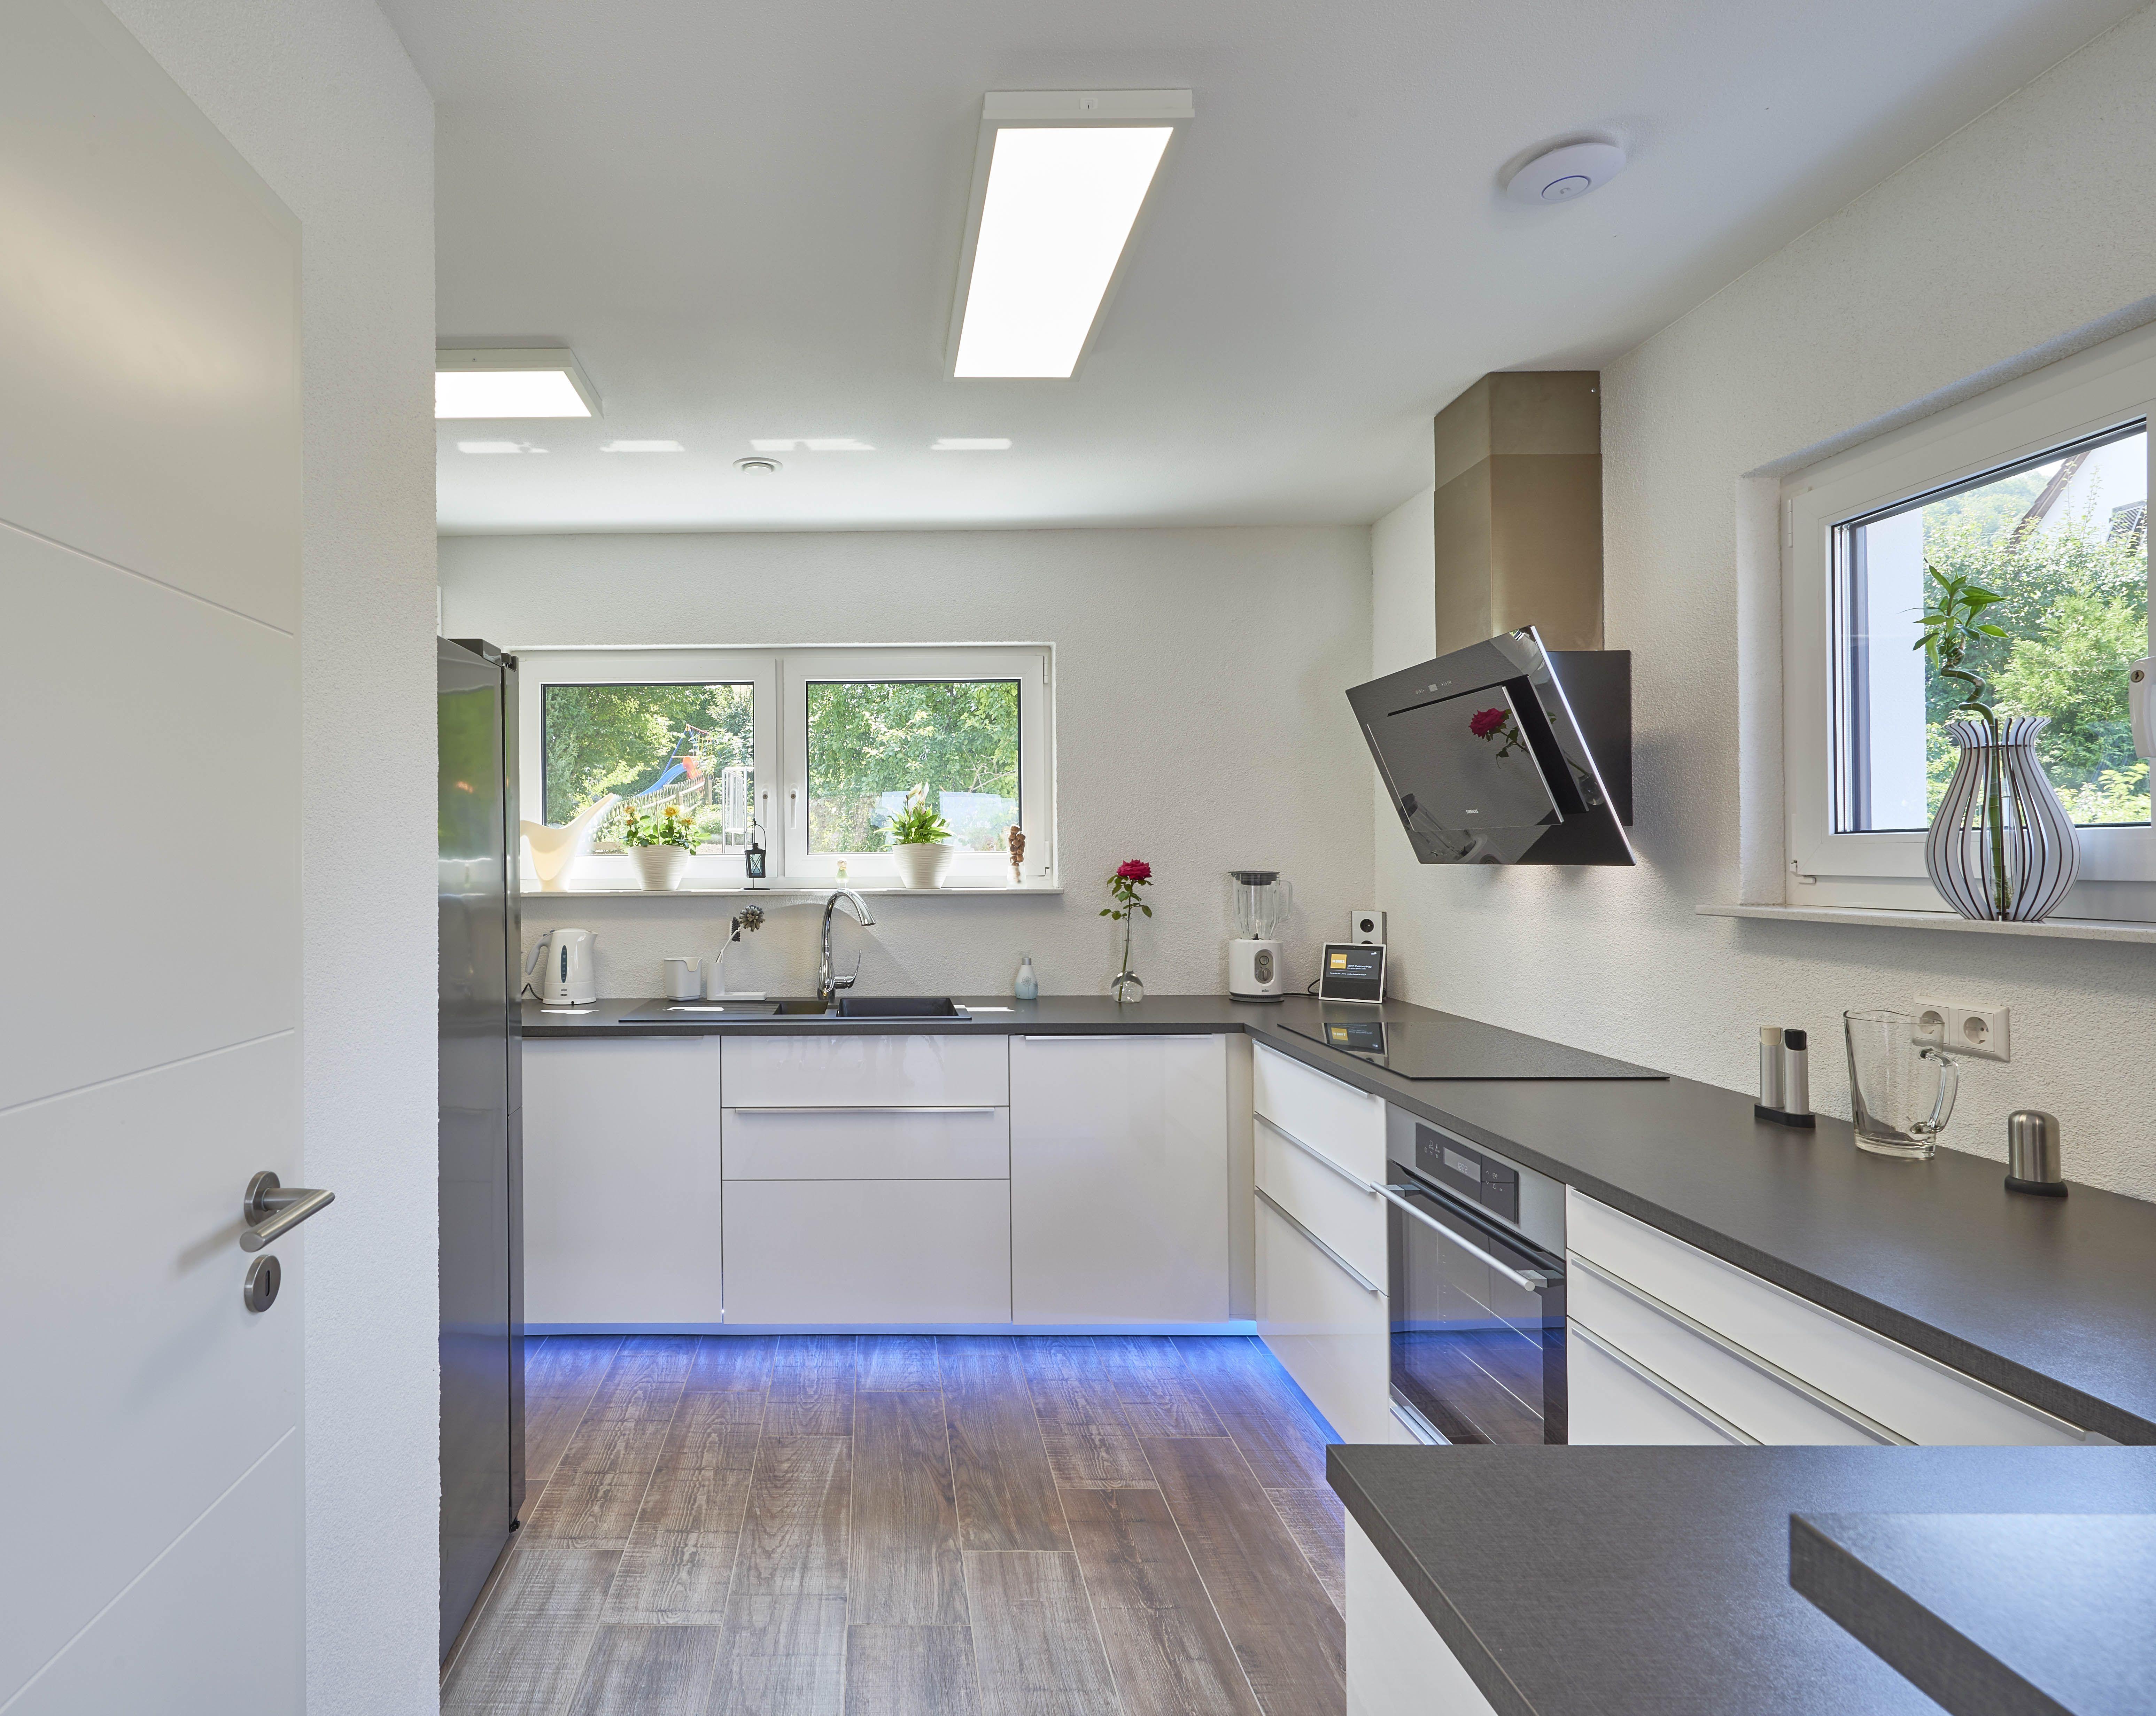 Küche - kitchen - beleuchtet in blau - Dunstabzugshaube